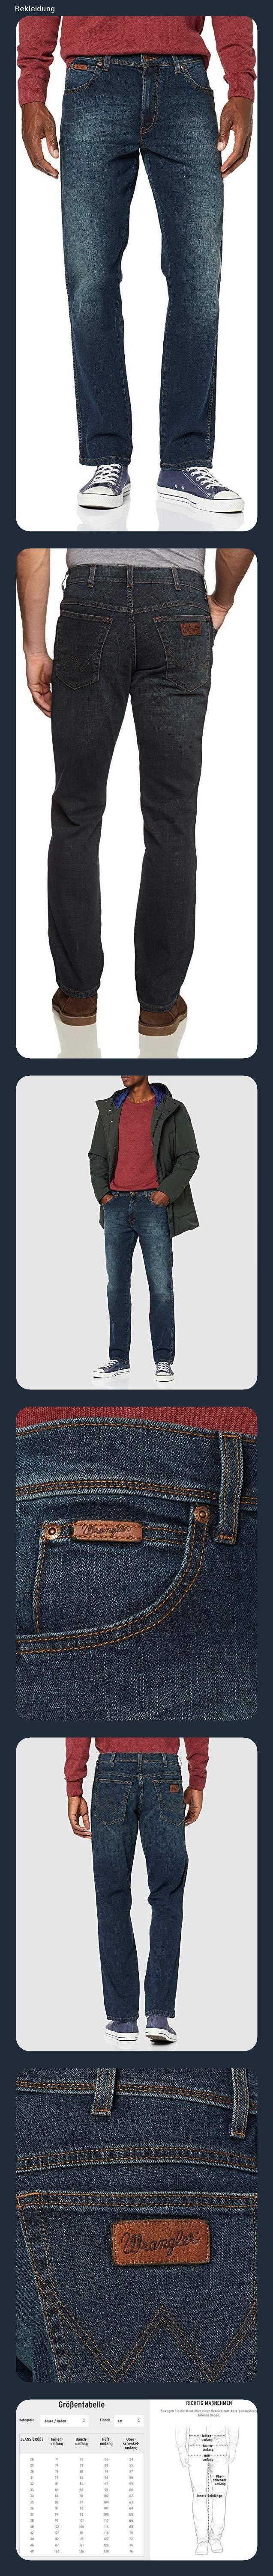 17.12.2019 03:53 Wrangler Herren Texas Contrast' Jeans